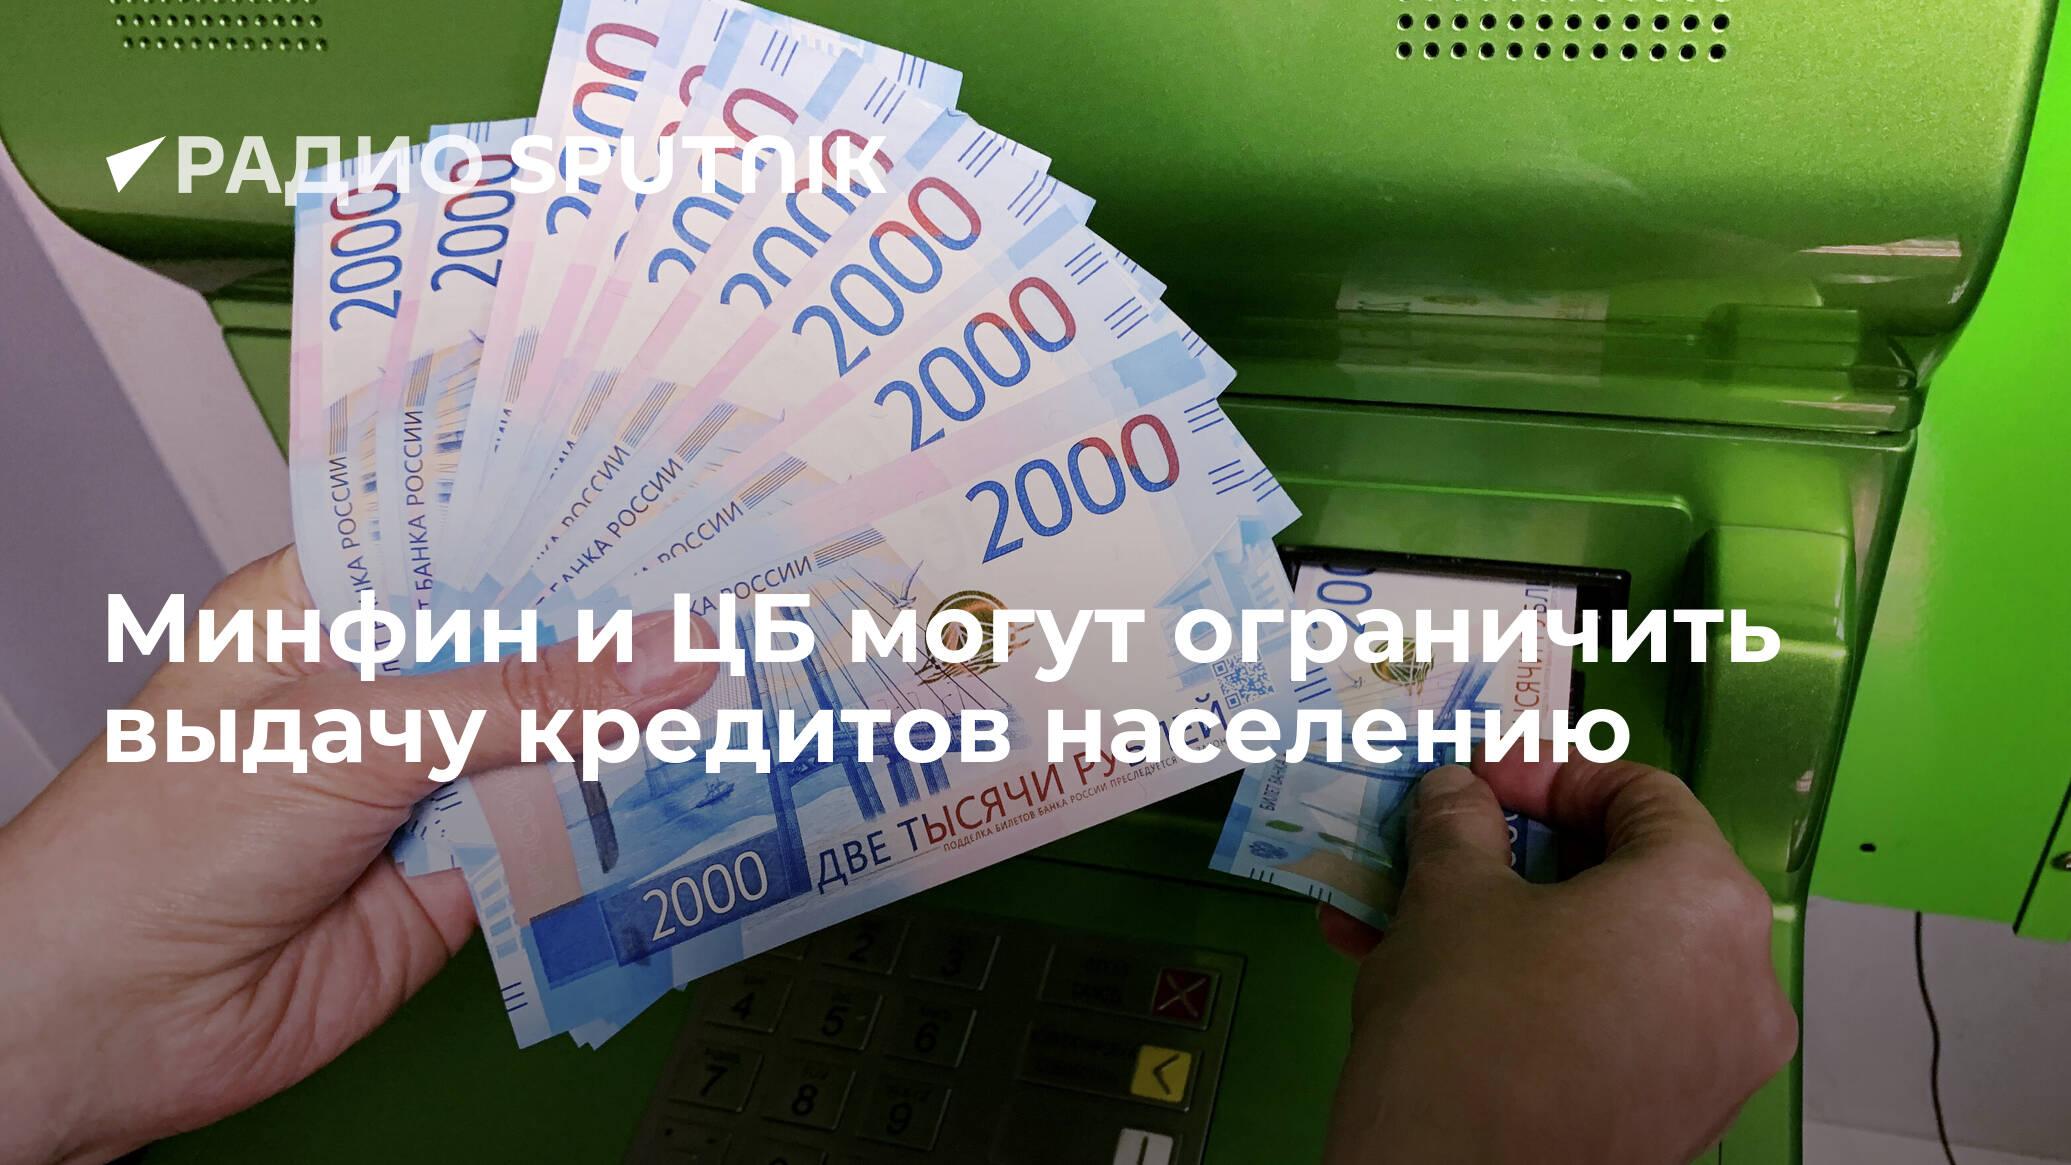 банк хоум кредит со скольки лет дают кредит